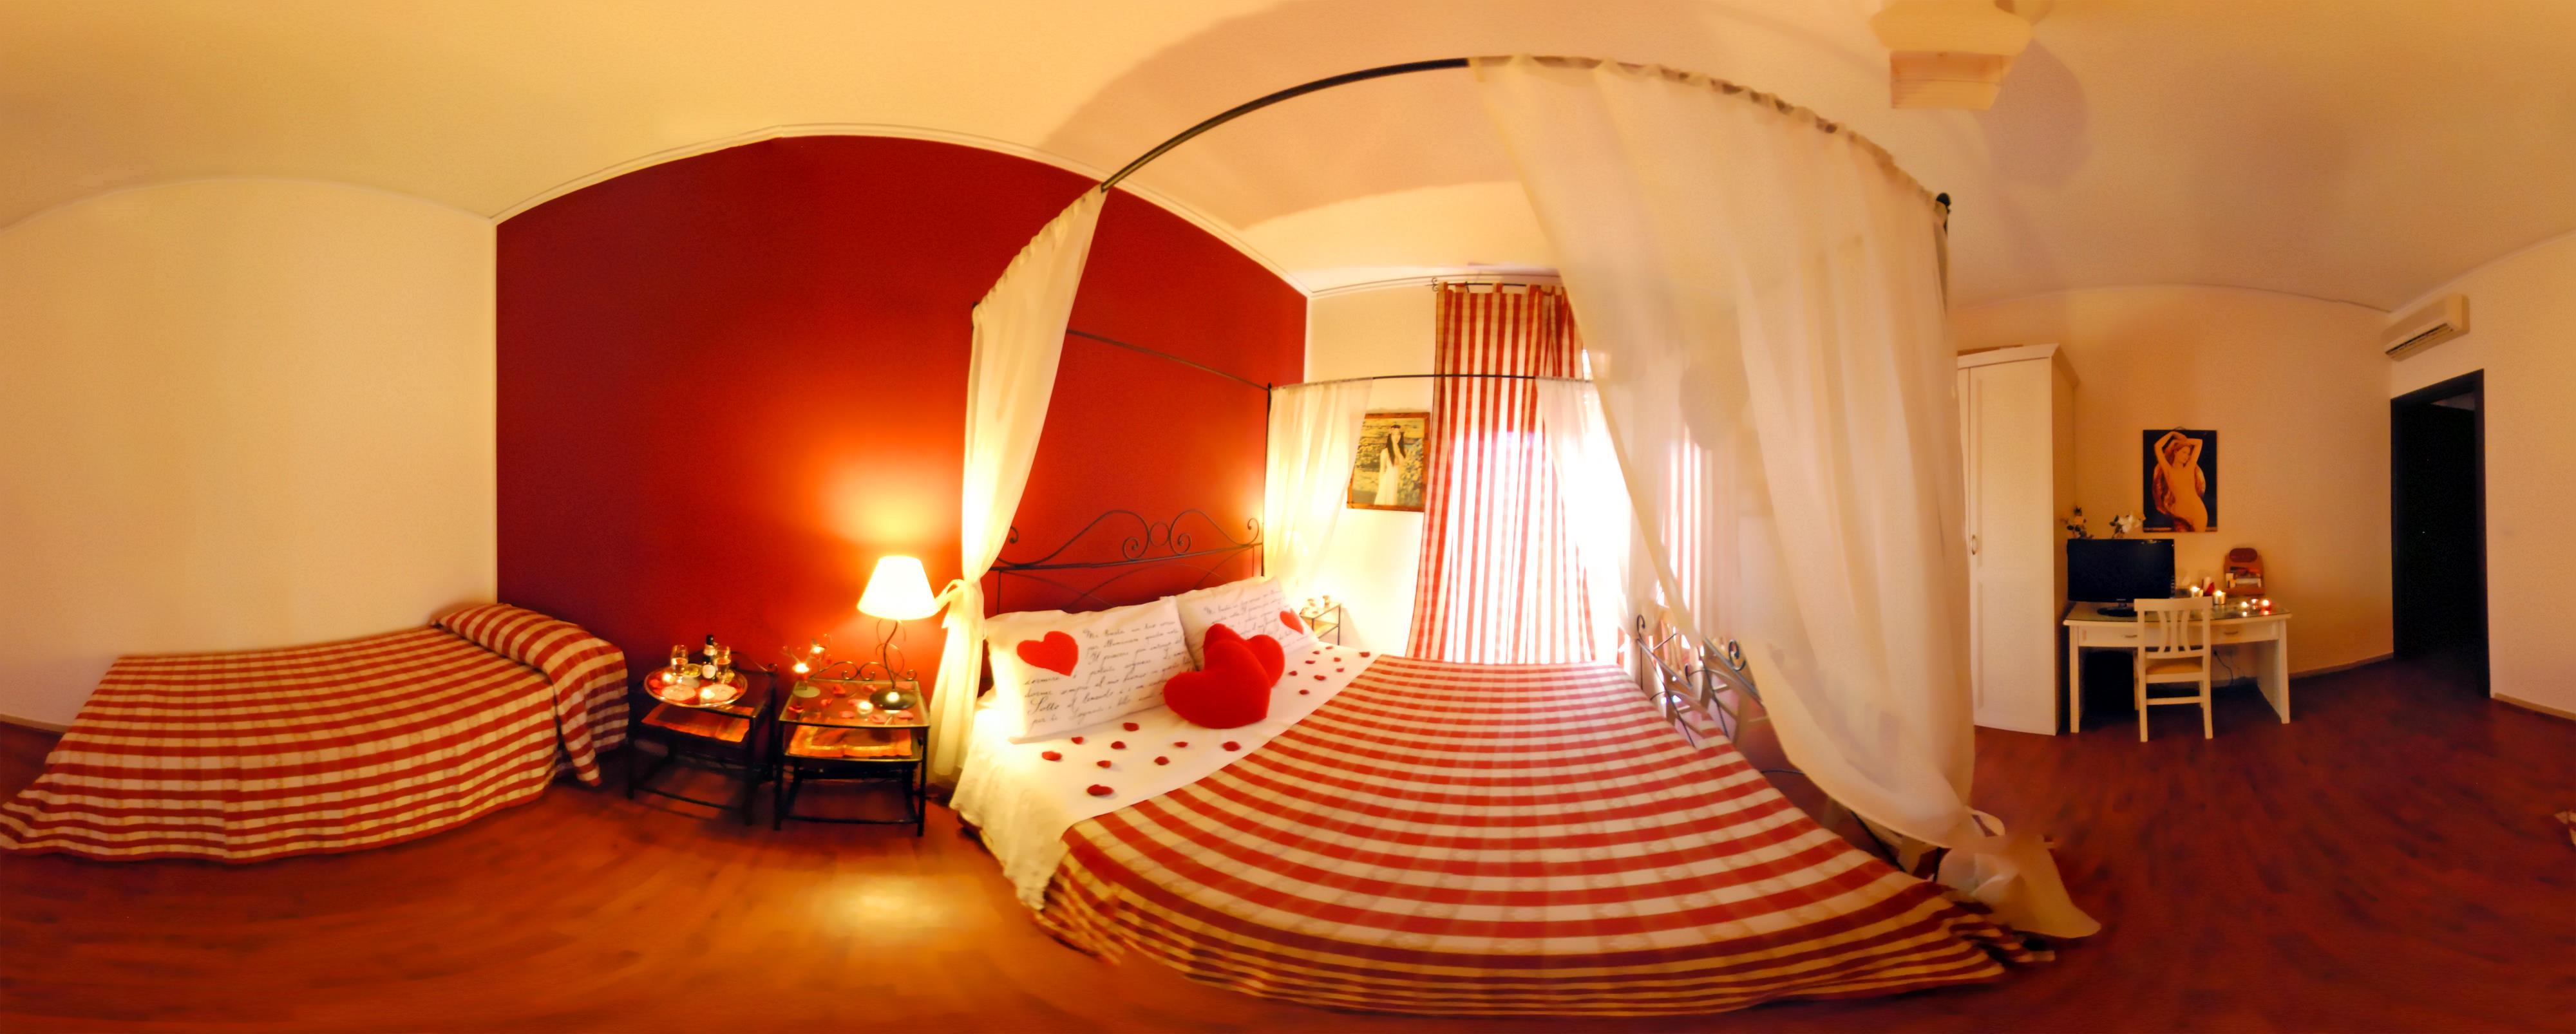 Bagno Romantico In Due offerta camera romantica coppie letto baldacchino e cabina